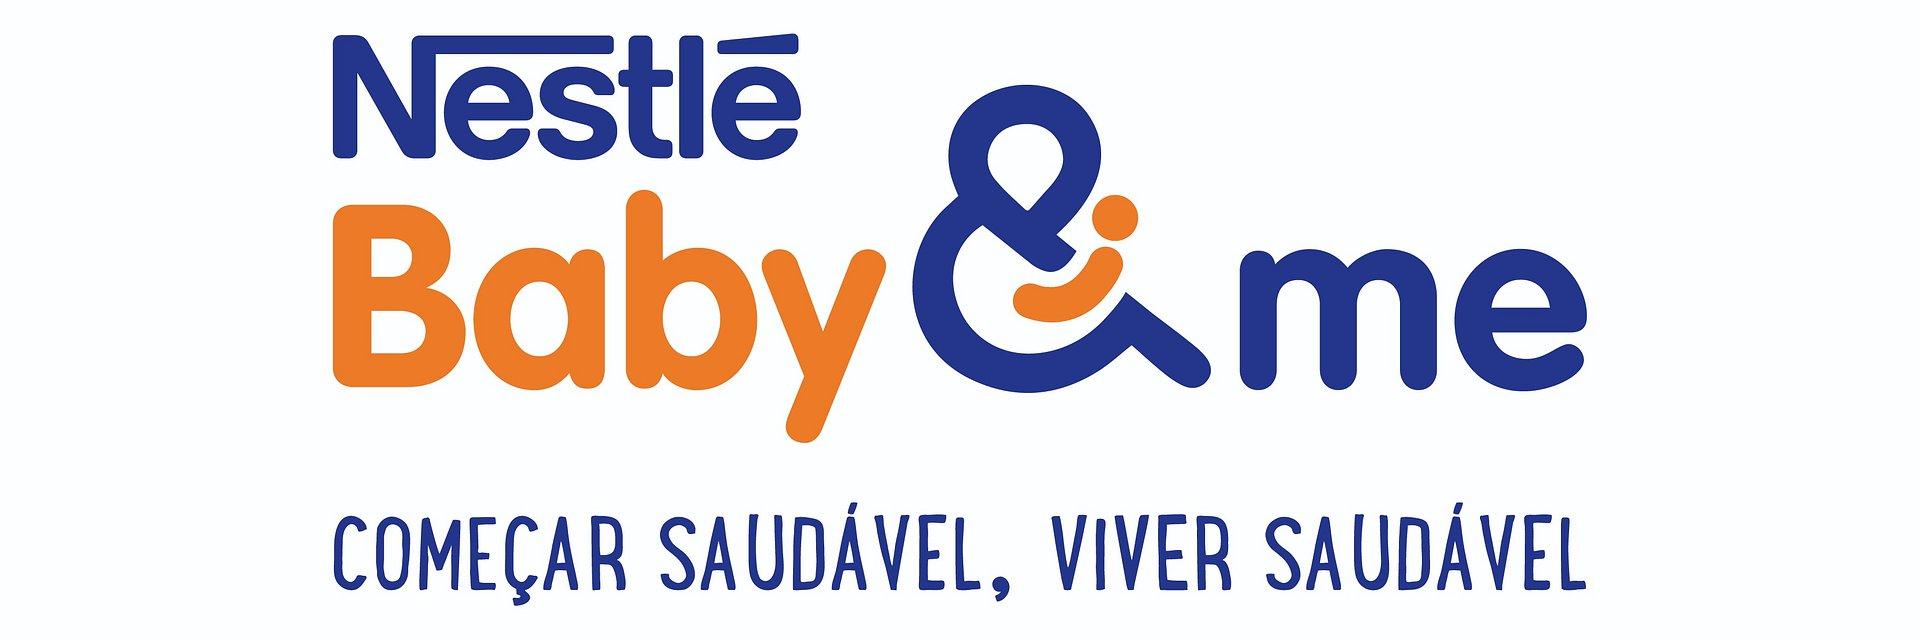 Nova campanha digital NAN inspirada nos pais que querem o melhor para os seus bebés